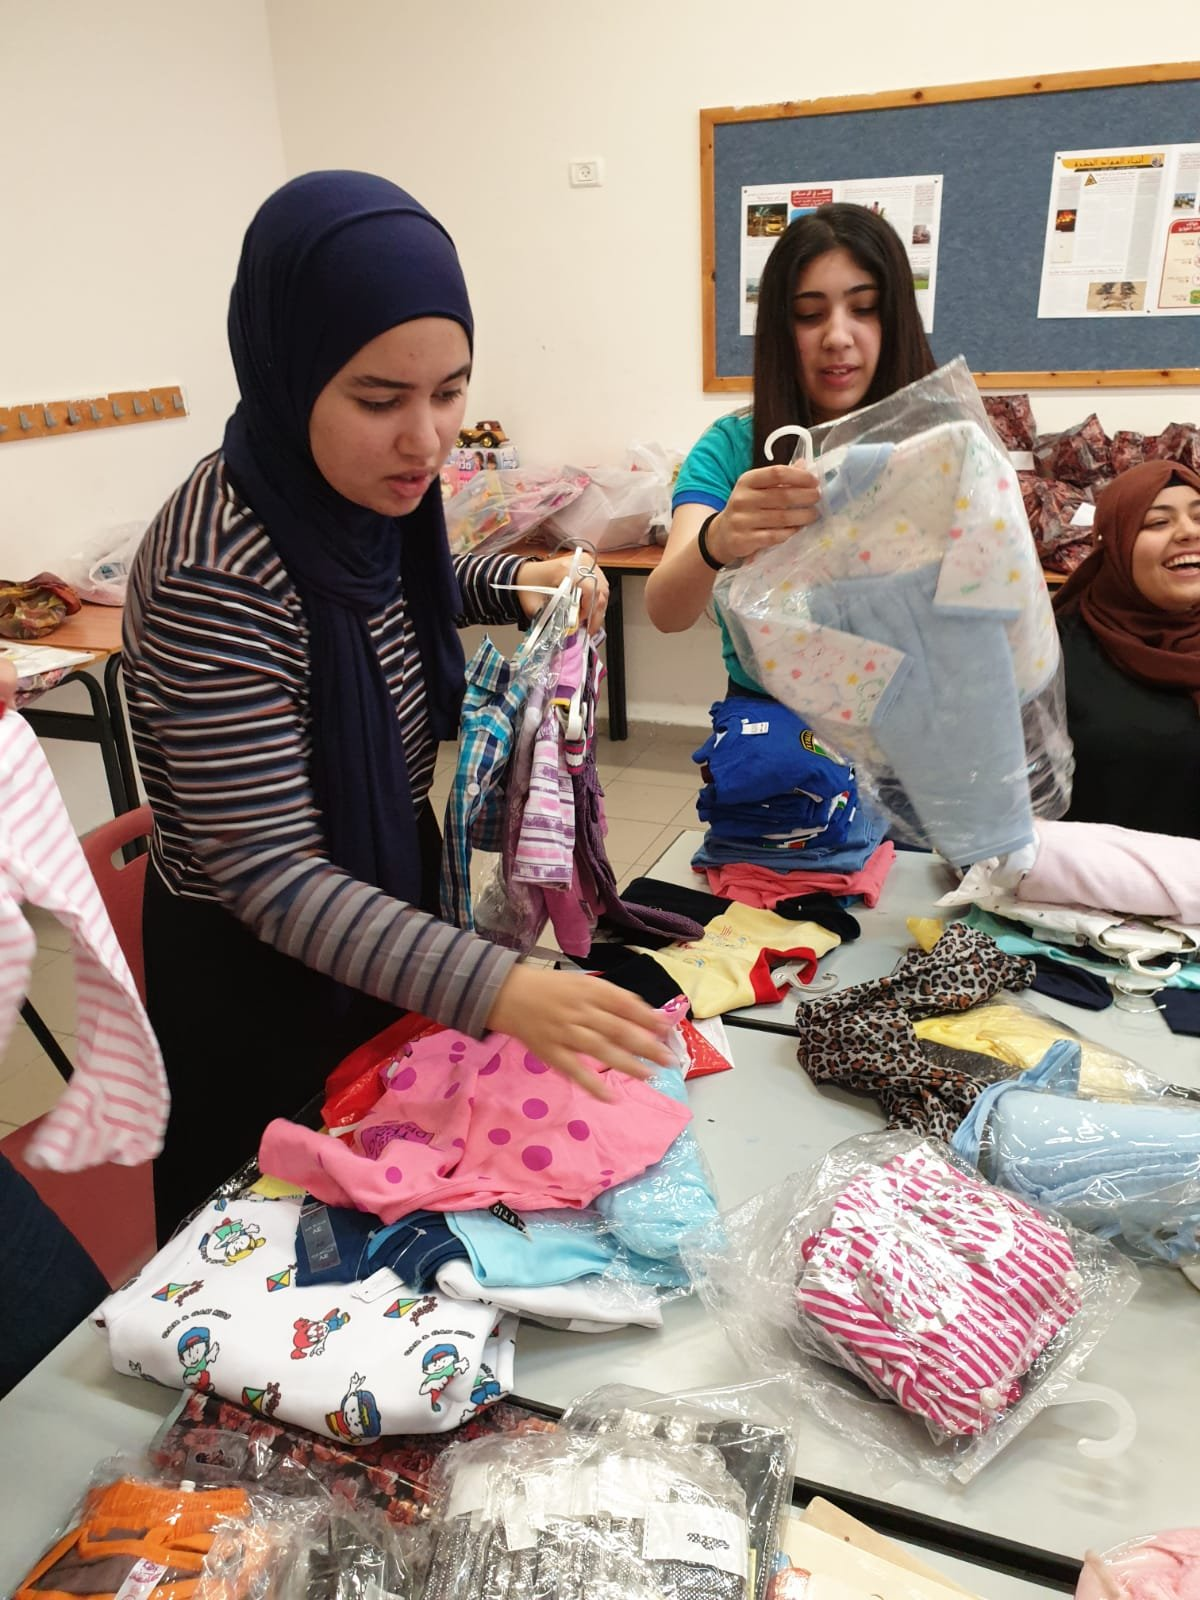 طلاب بيت الحكمة الثانويّة يبادرون بإرسال كسوة العيد للأطفال في النّاصرة والقدس